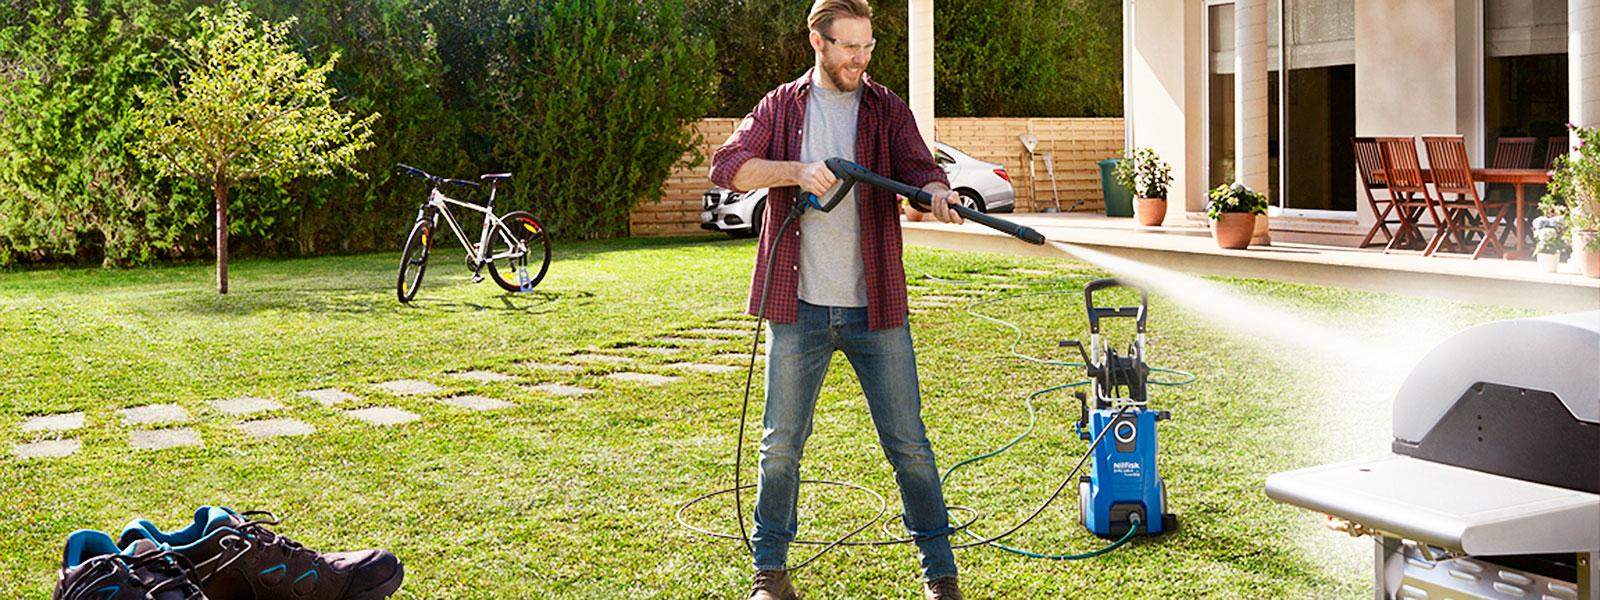 Reinigungsgeräte für Haus, Garten und Freizeit